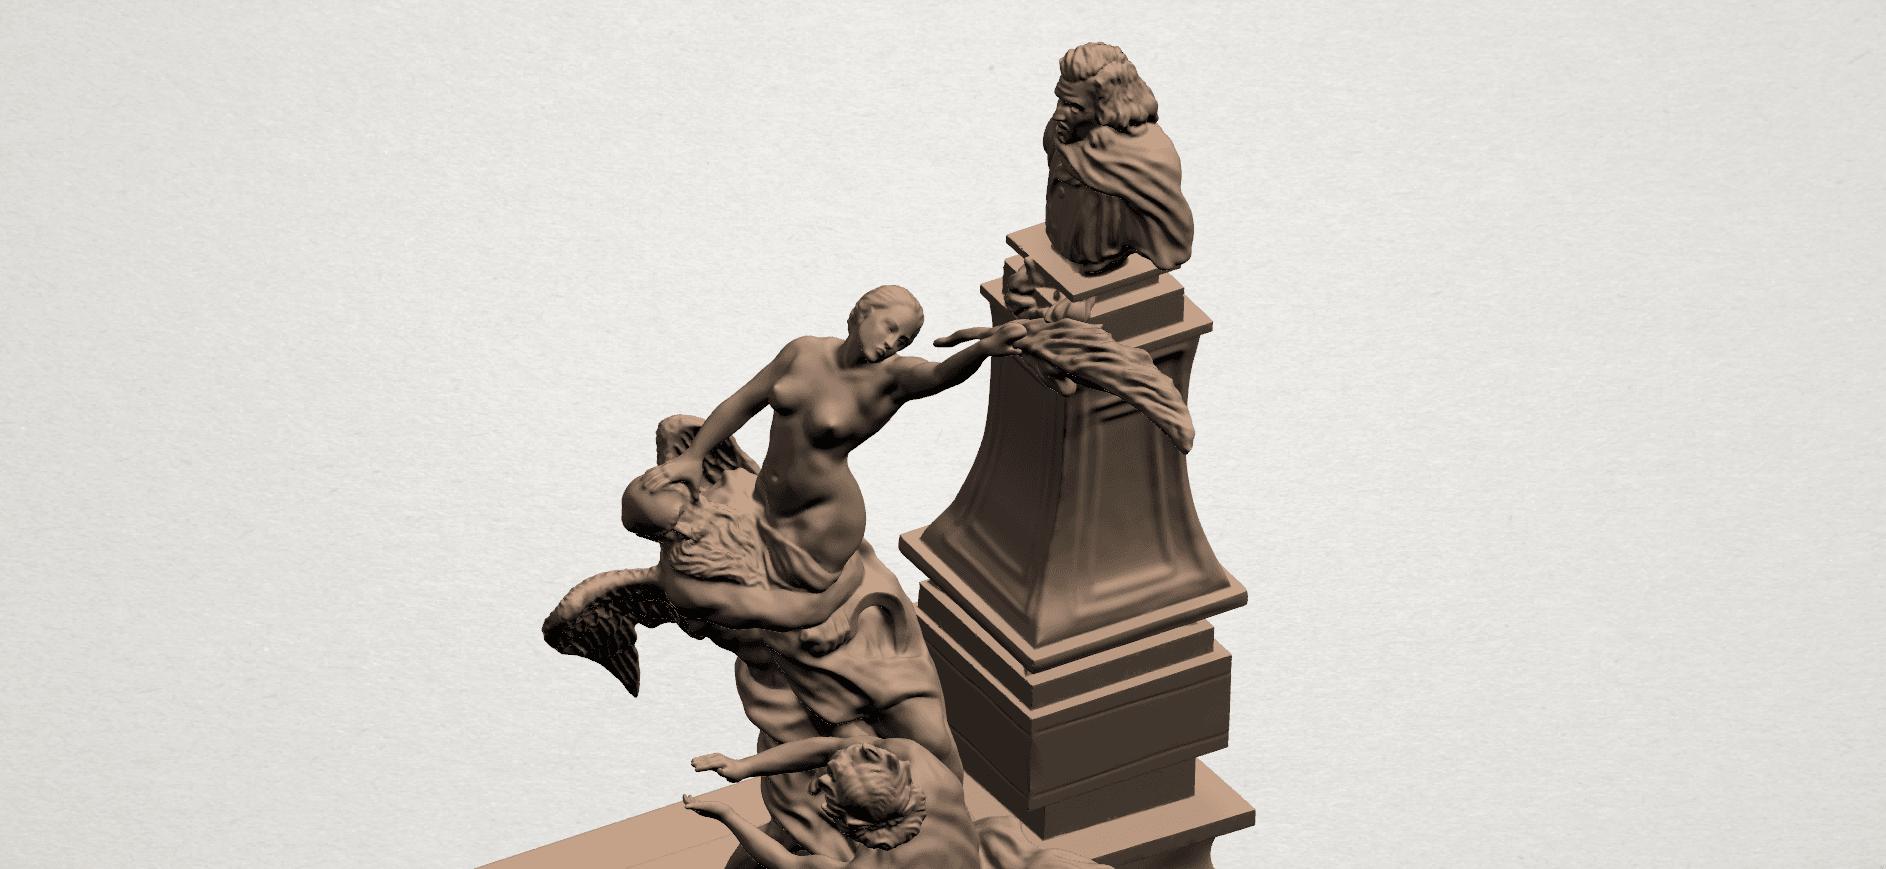 Statue 02 - B01.png Télécharger fichier STL gratuit Statue 02 • Plan pour impression 3D, GeorgesNikkei